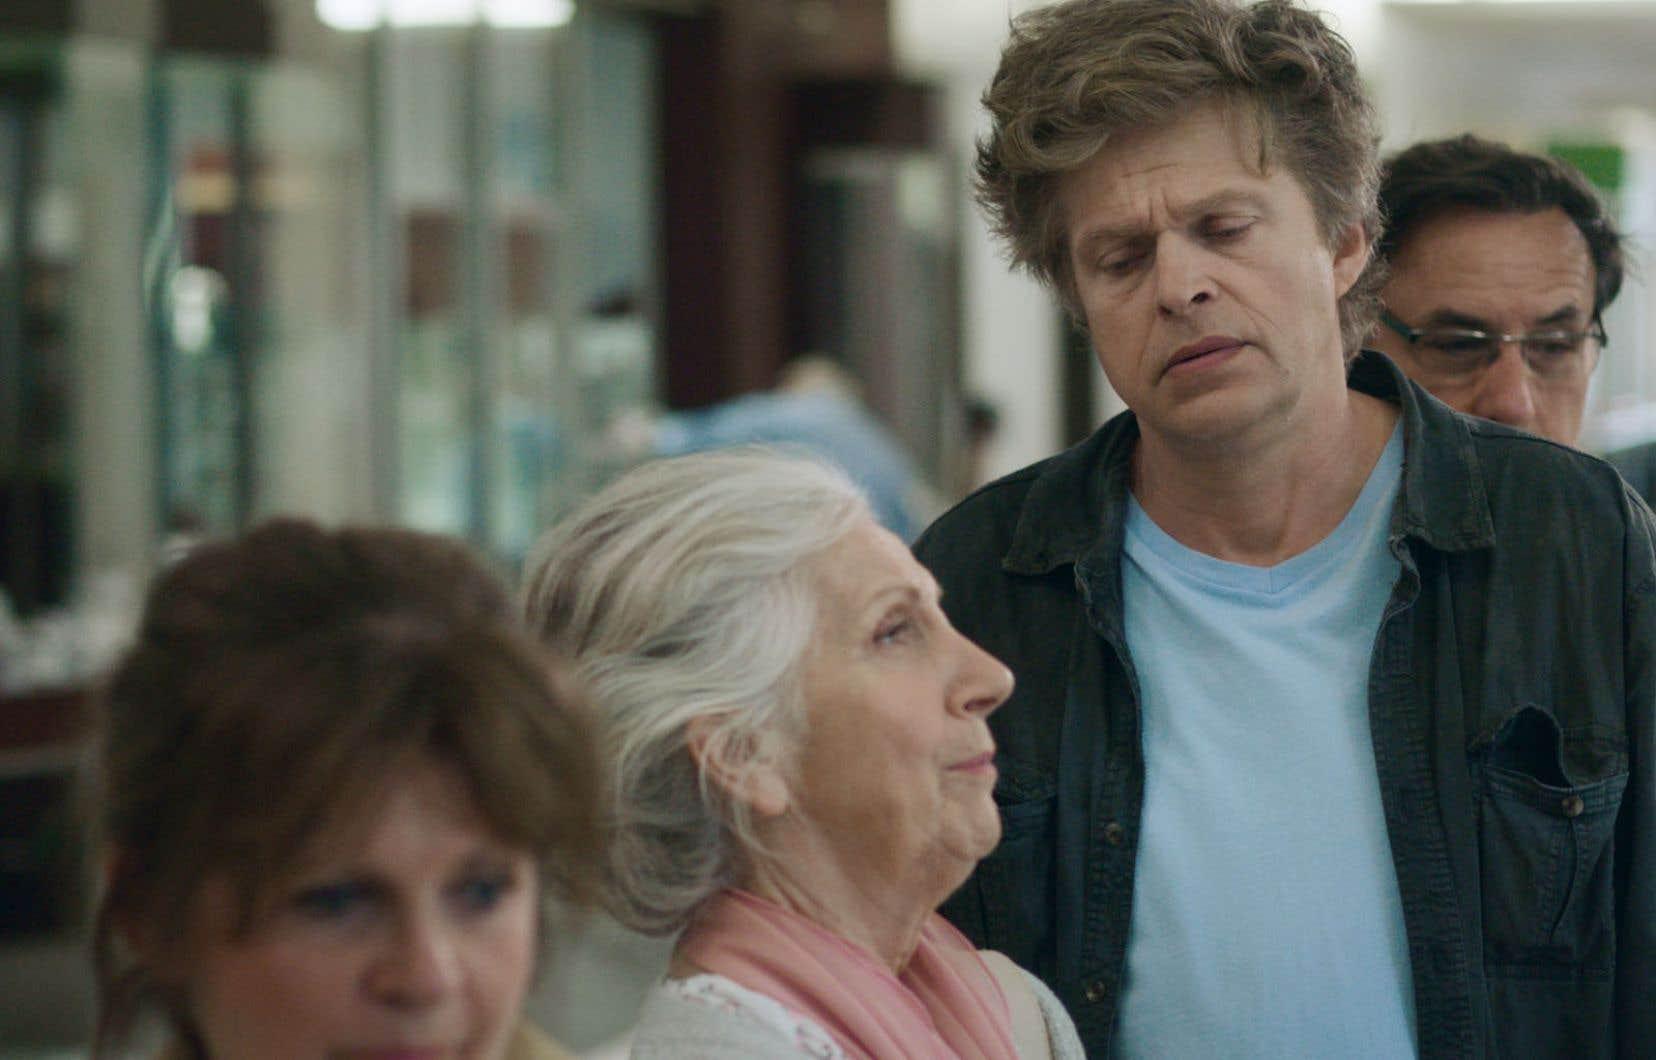 La série «File d'attente» est une comédie dramatique mettant en scène deux familles qui s'entrecroisent dans divers endroits où elles sont contraintes.